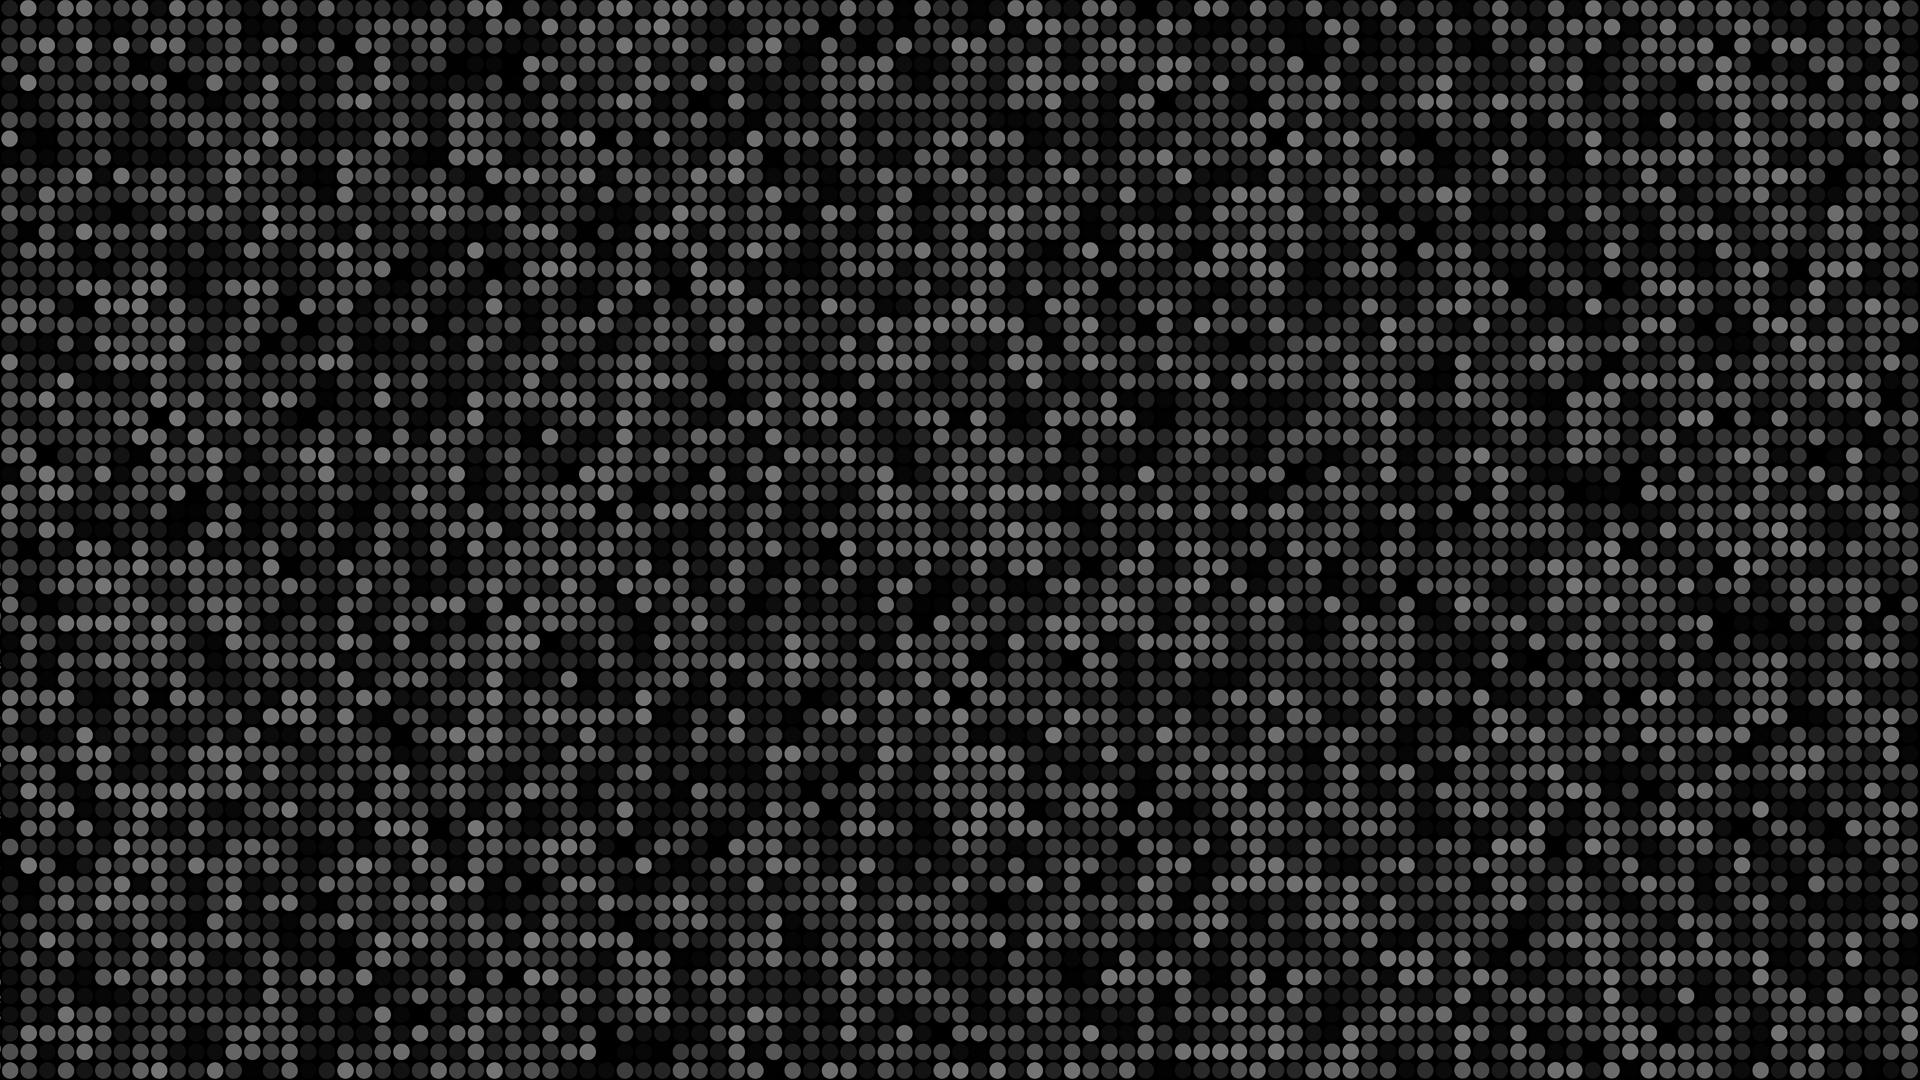 Google Nexus Wallpapers Wallpaper